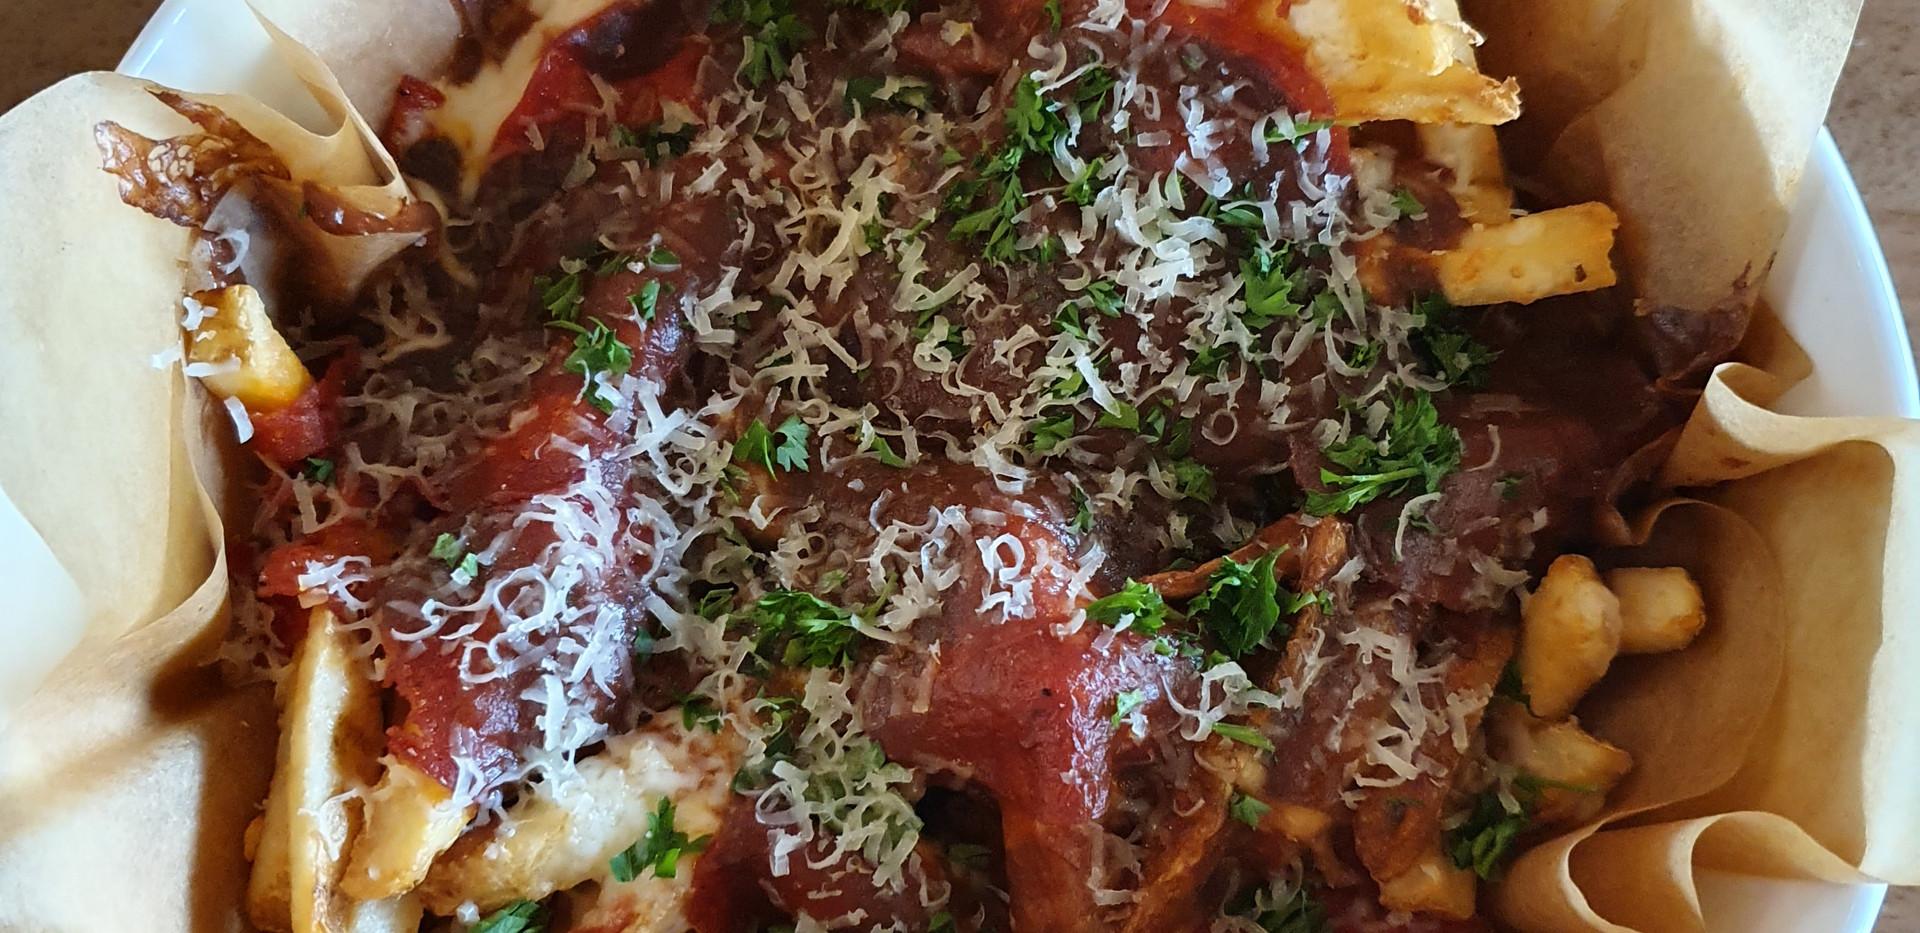 Poutine do Boston Pizza